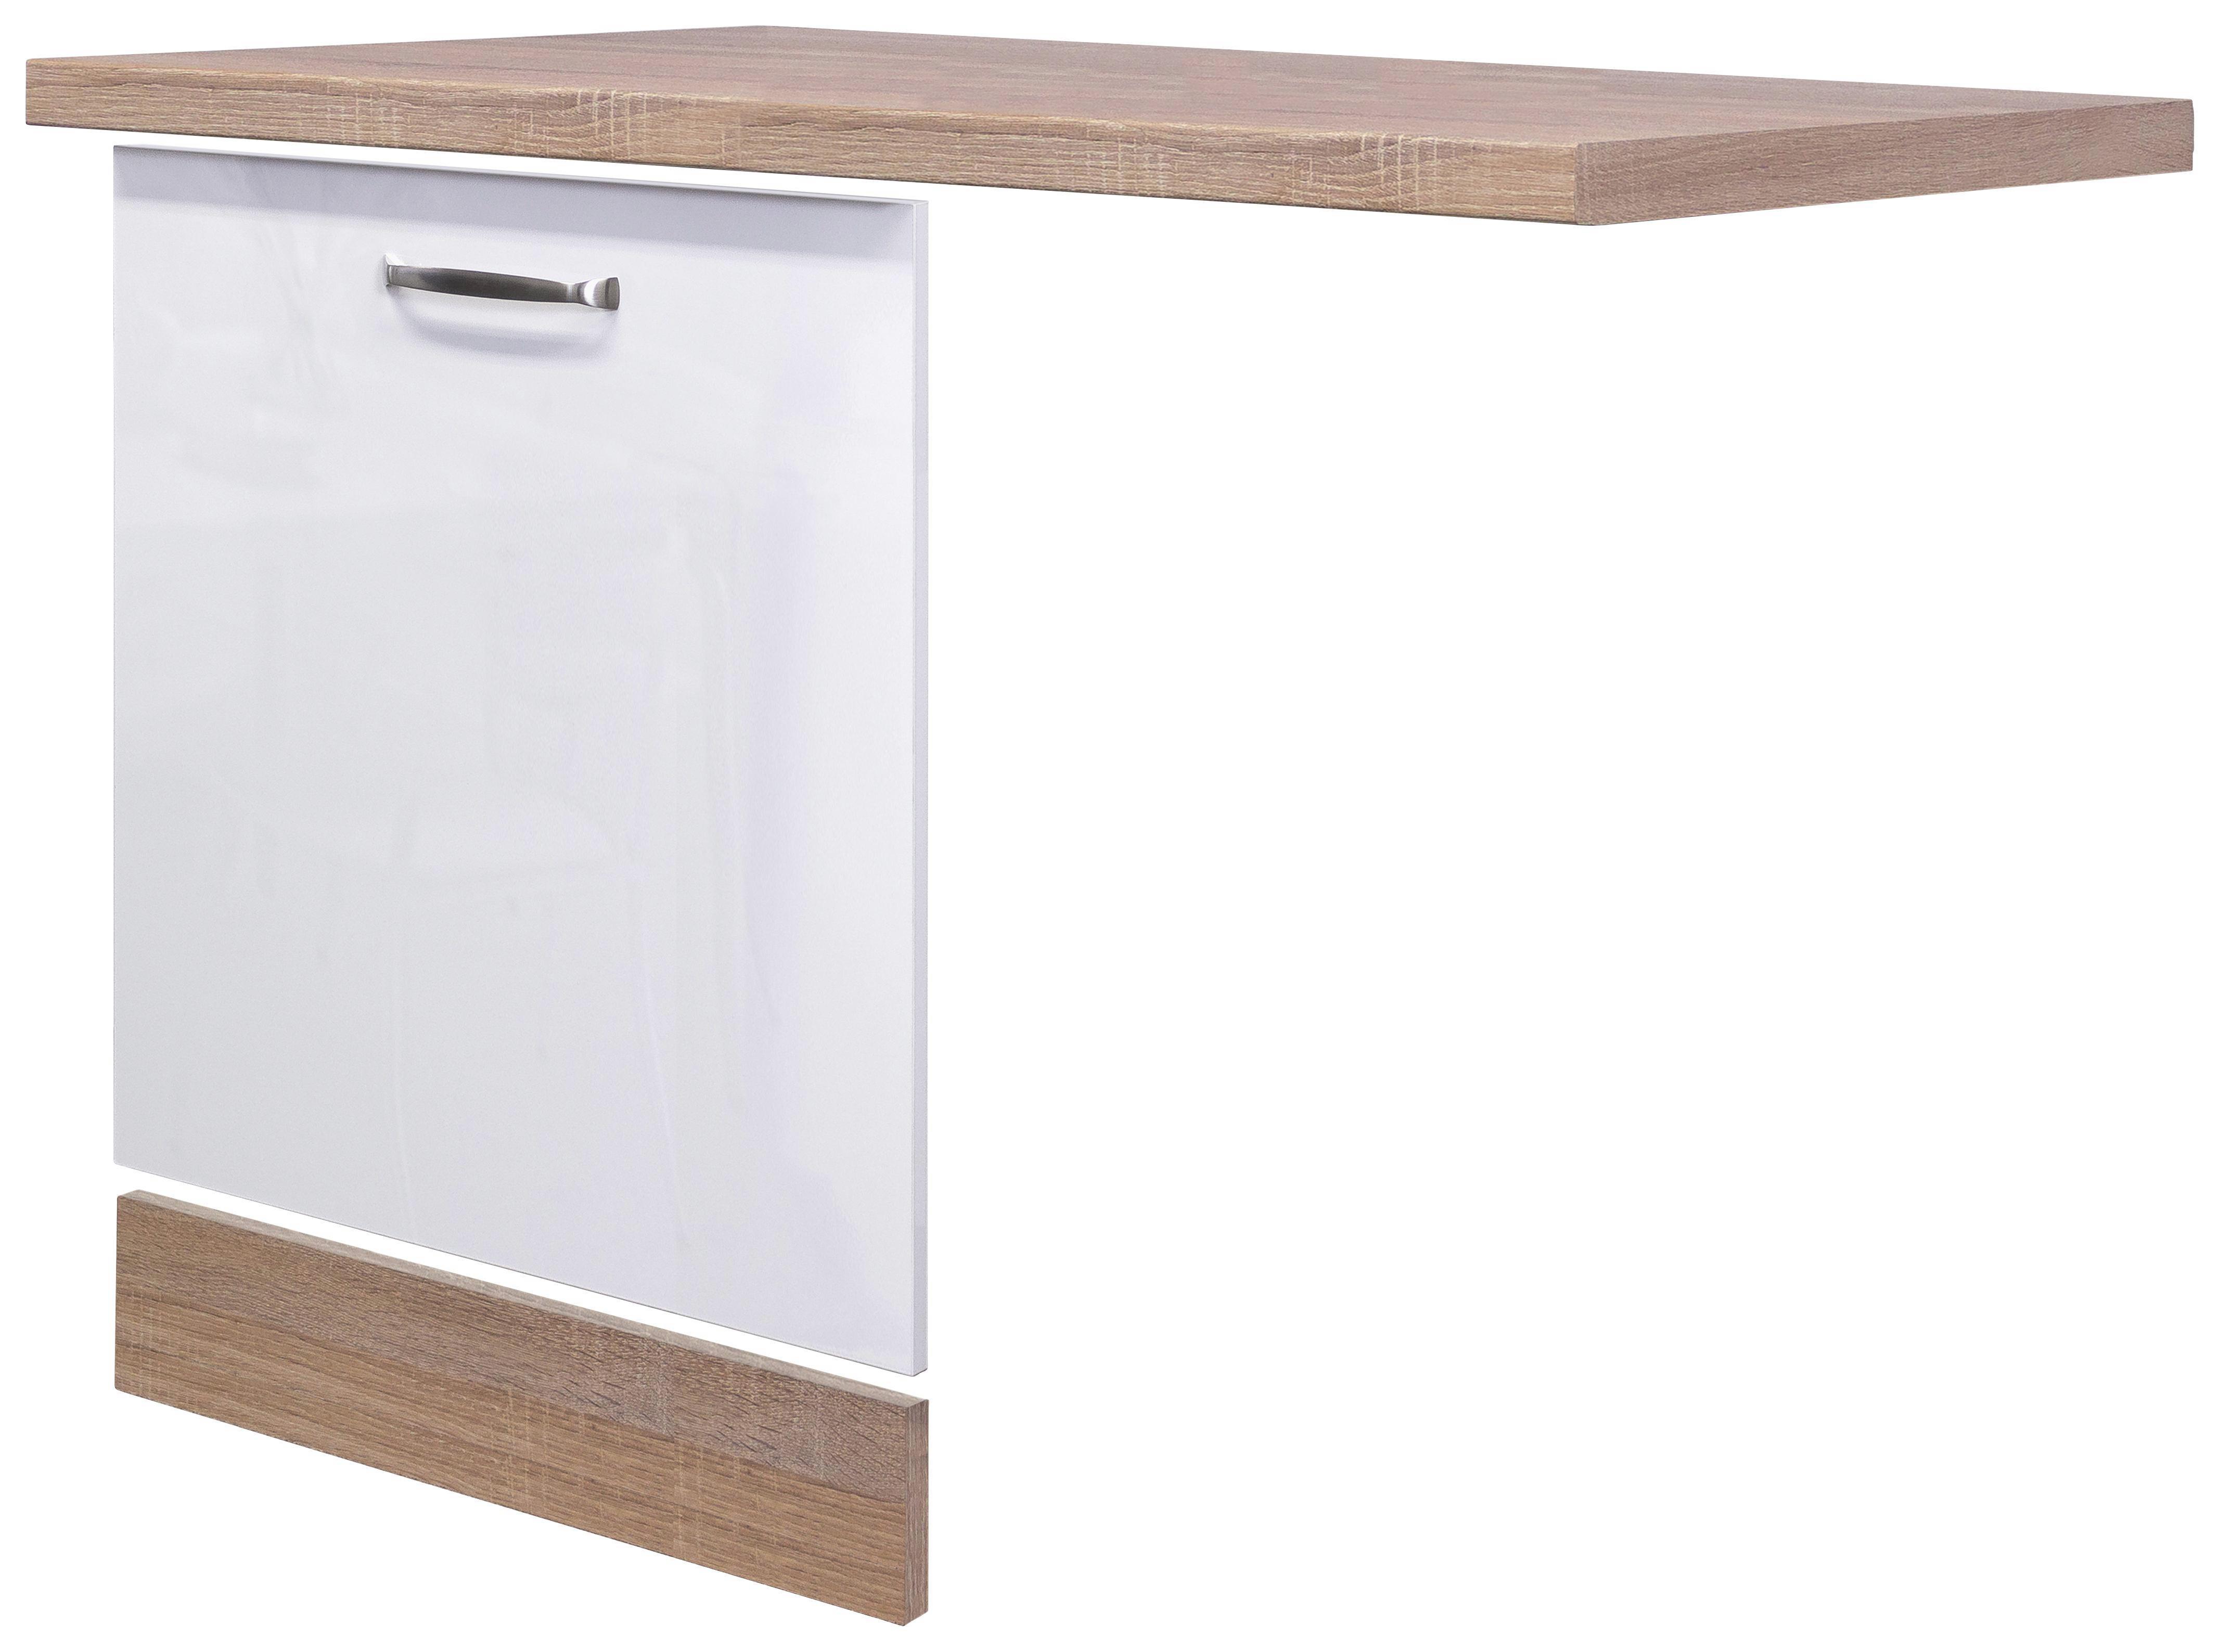 Groß valuable design ideas küchen unterschrank weiß hochglanz